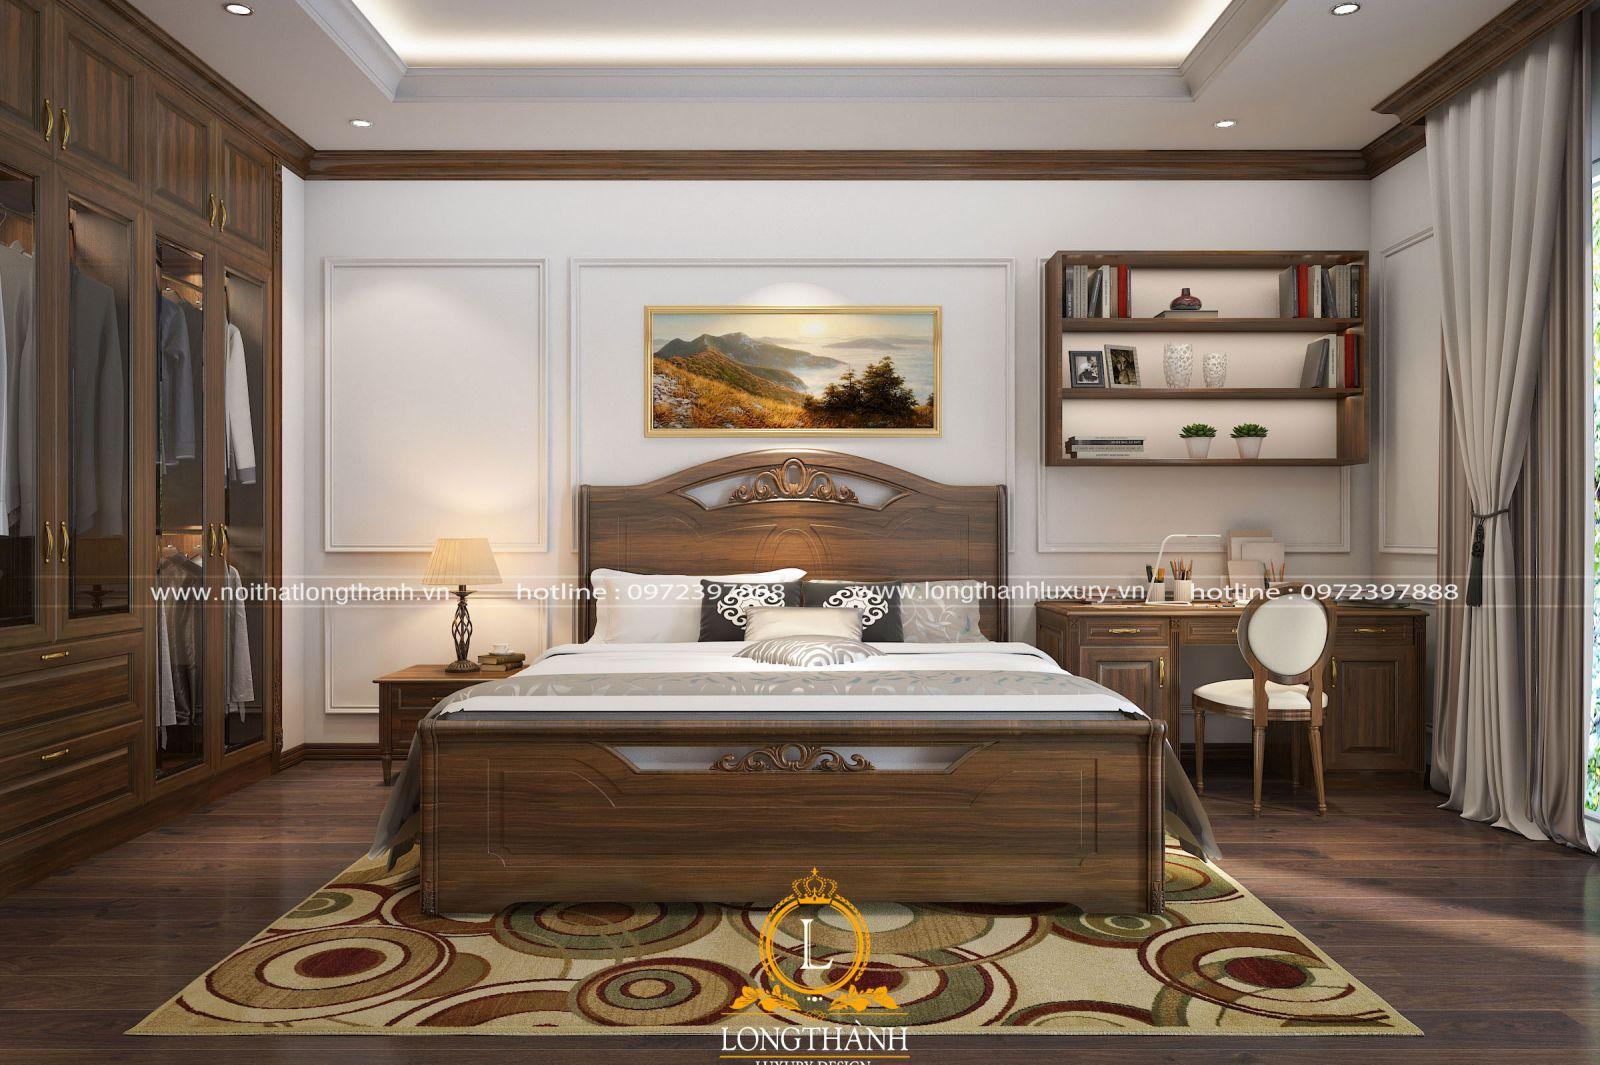 Căn phòng ngủ hiện đại với đồ nội thất thiết yếu